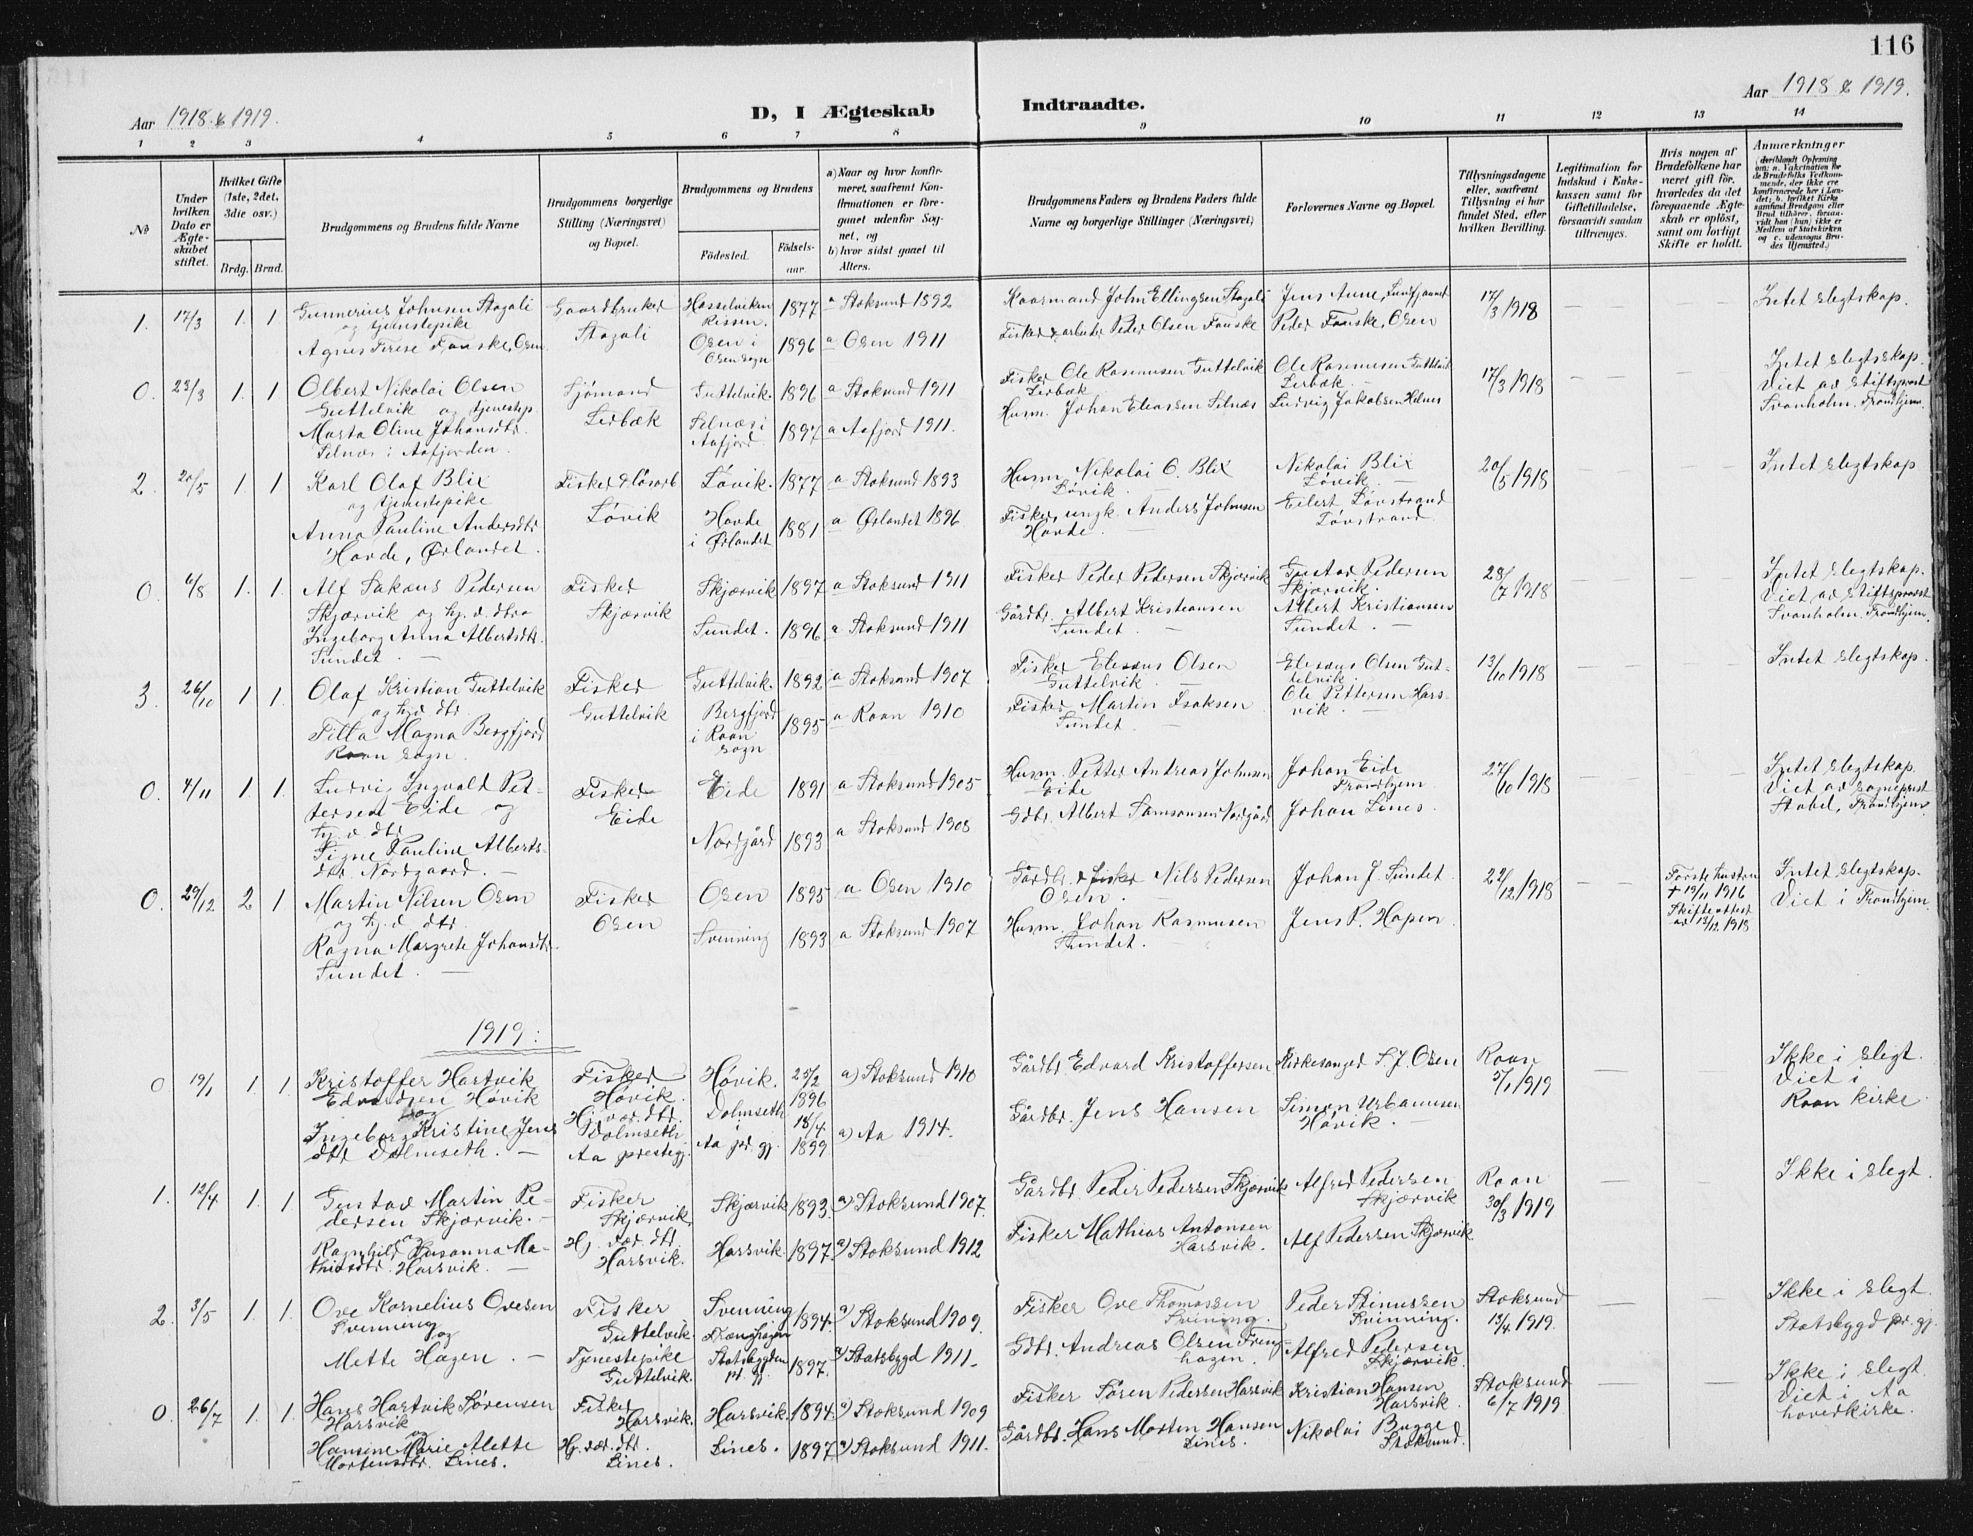 SAT, Ministerialprotokoller, klokkerbøker og fødselsregistre - Sør-Trøndelag, 656/L0699: Klokkerbok nr. 656C05, 1905-1920, s. 116